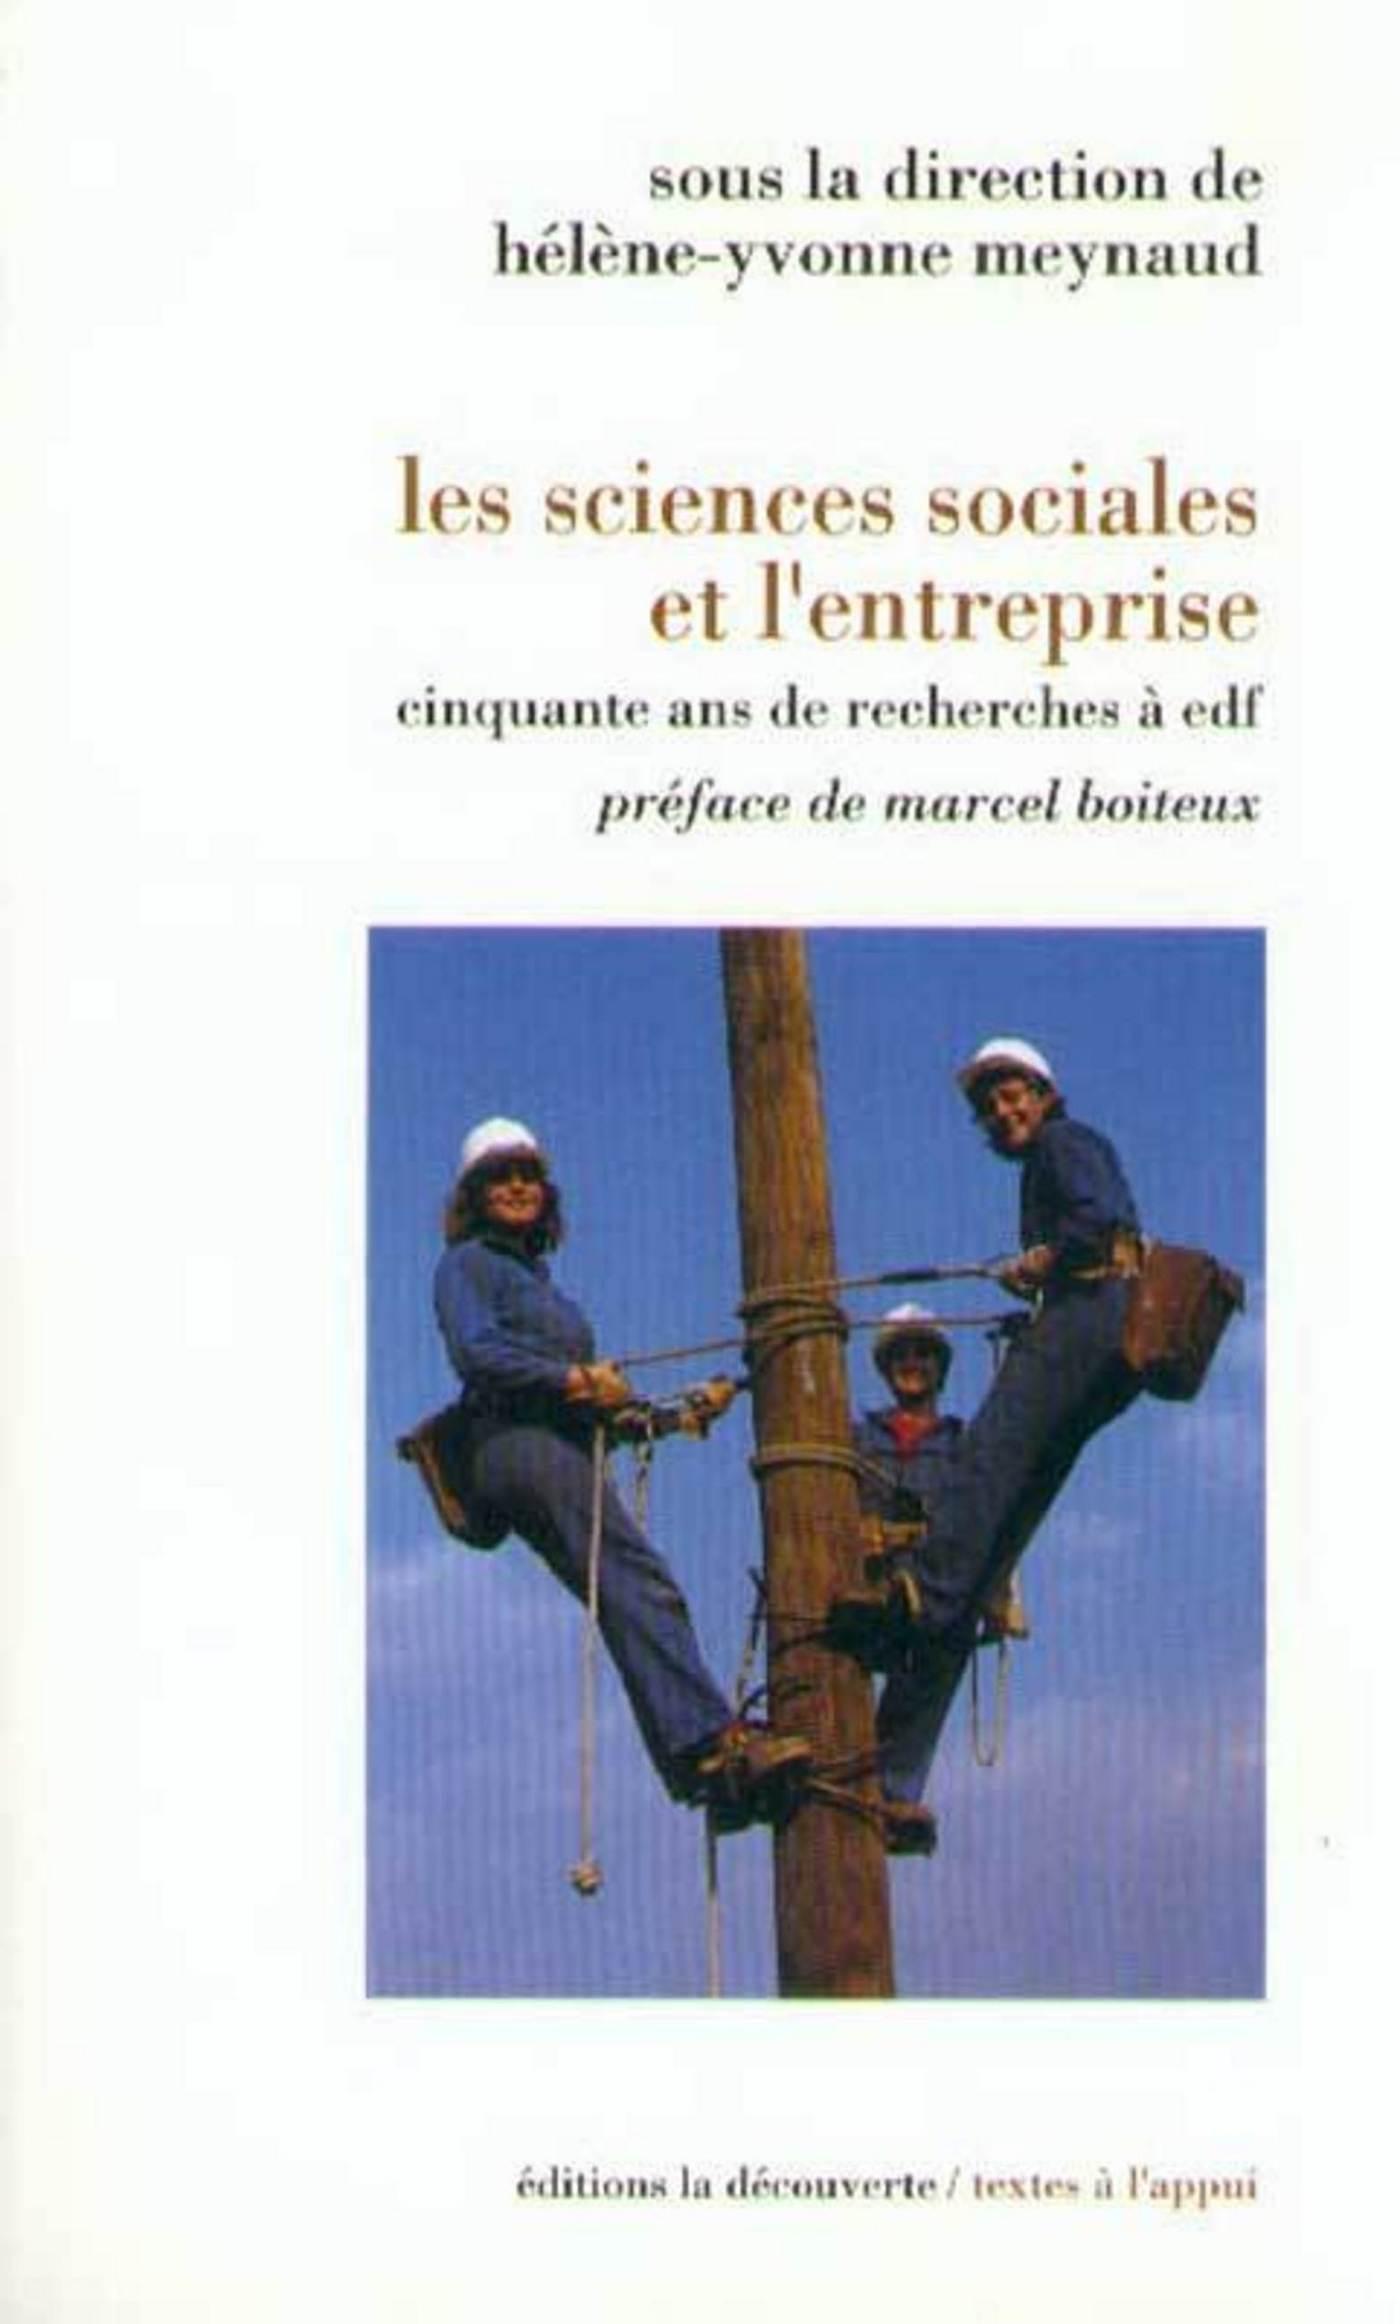 Les sciences sociales et l'entreprise